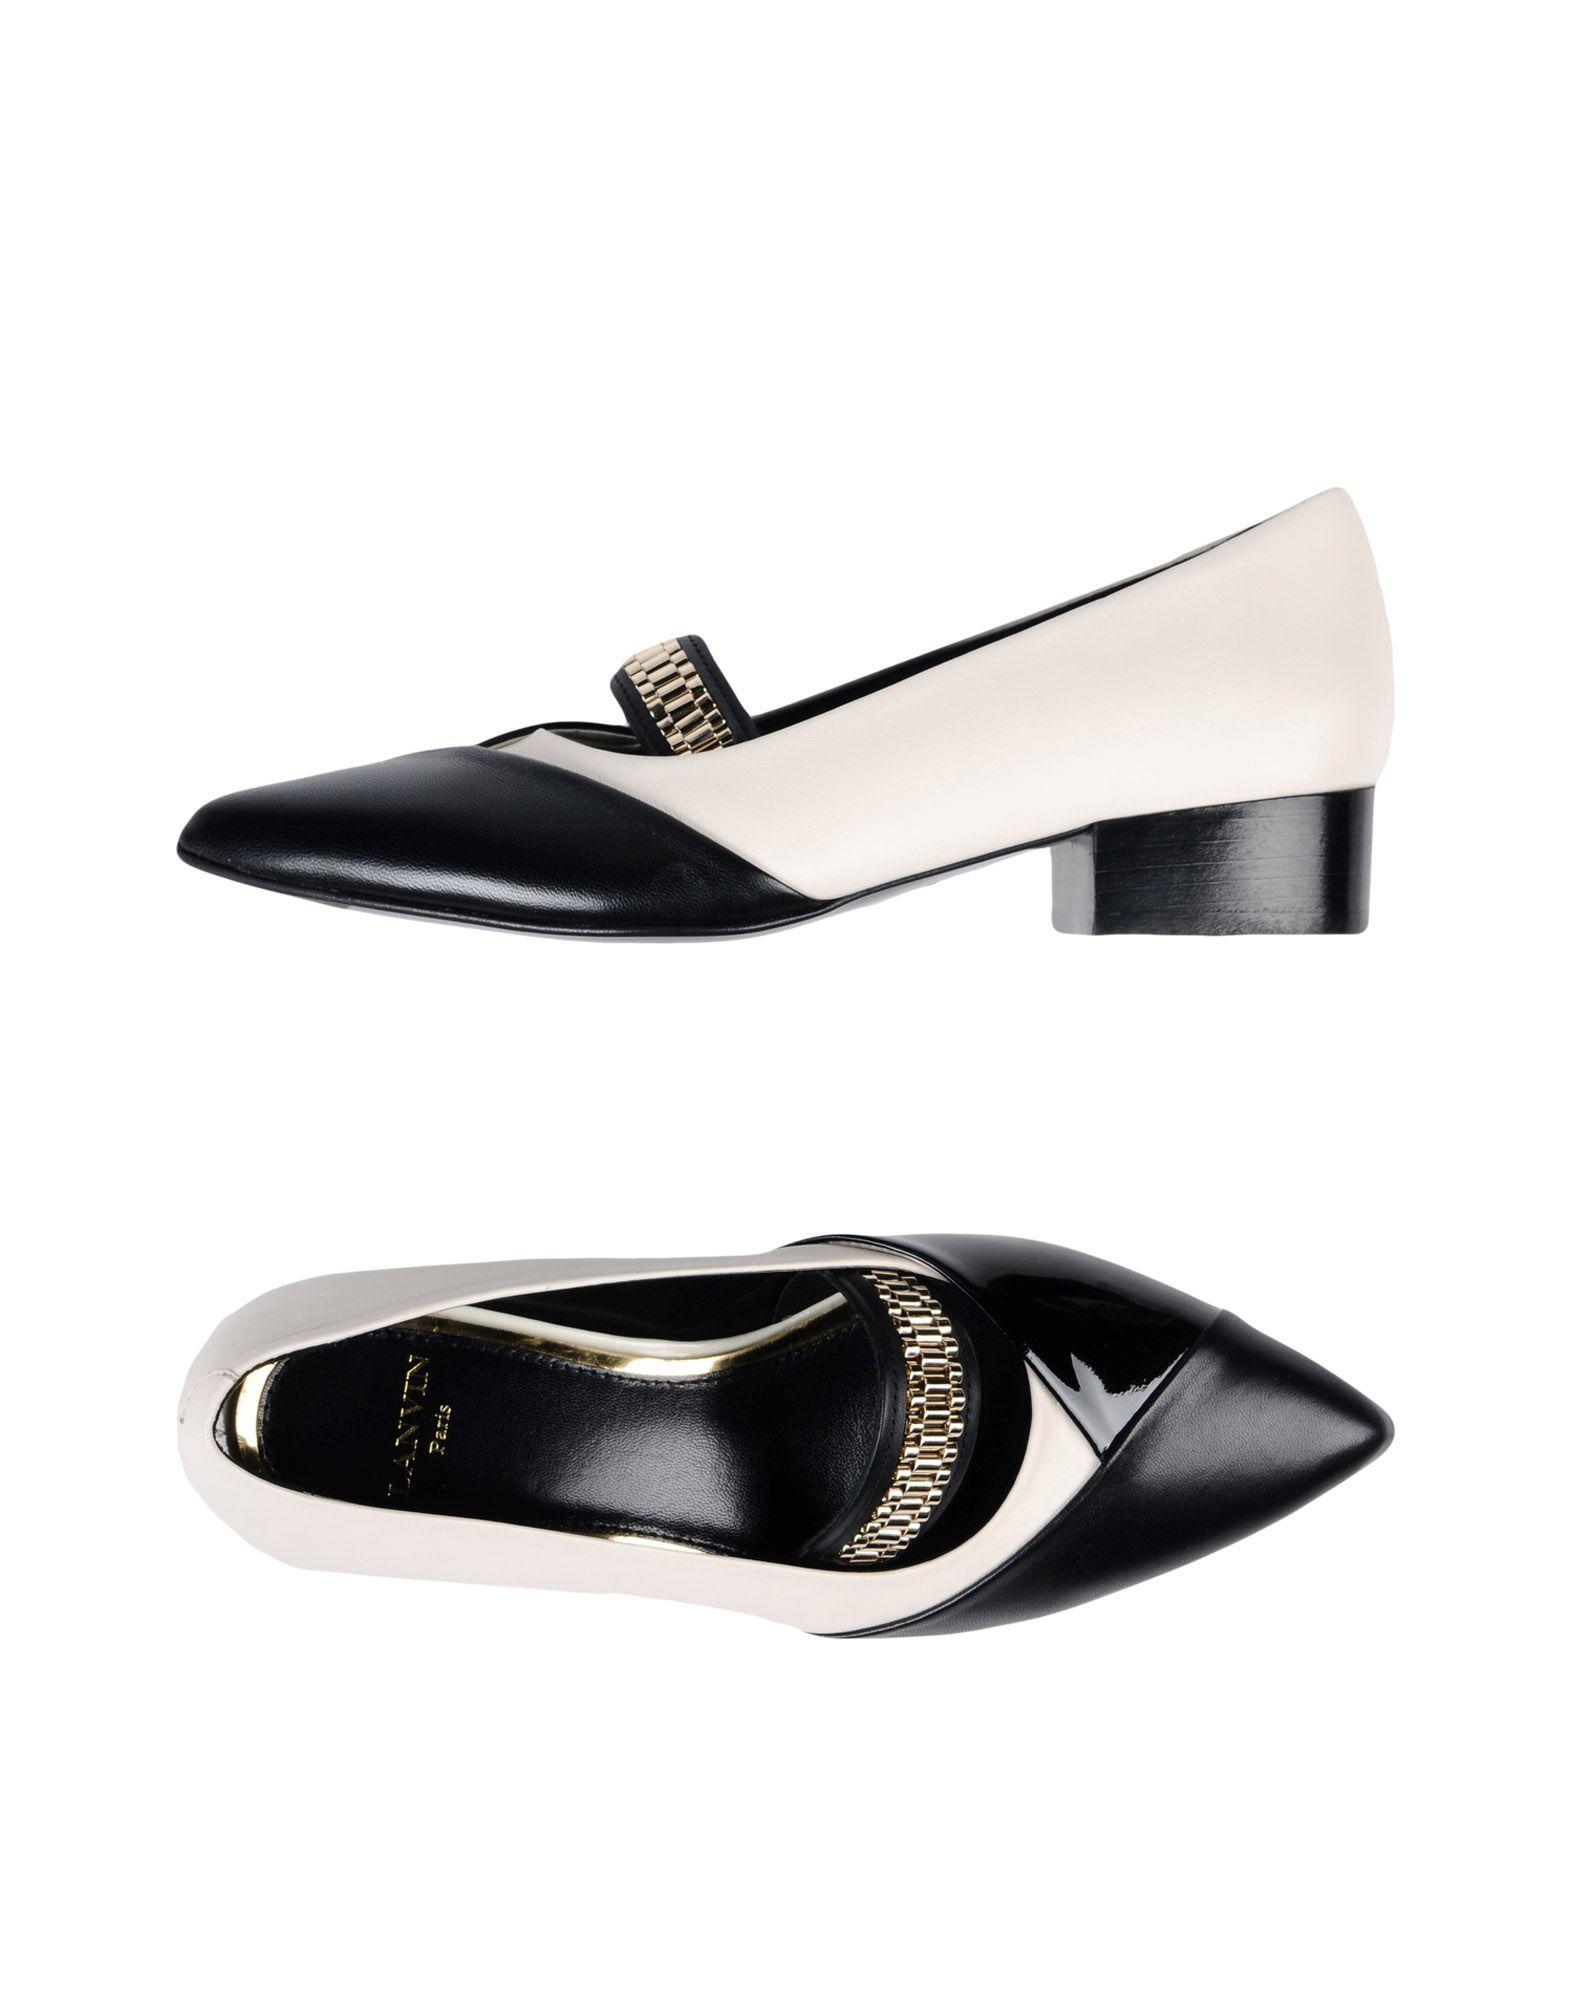 Nuevos zapatos para hombres y mujeres, descuento por tiempo limitado Salón Zapato De Salón limitado Lanvin Mujer - Salones Lanvin  Negro 168a67